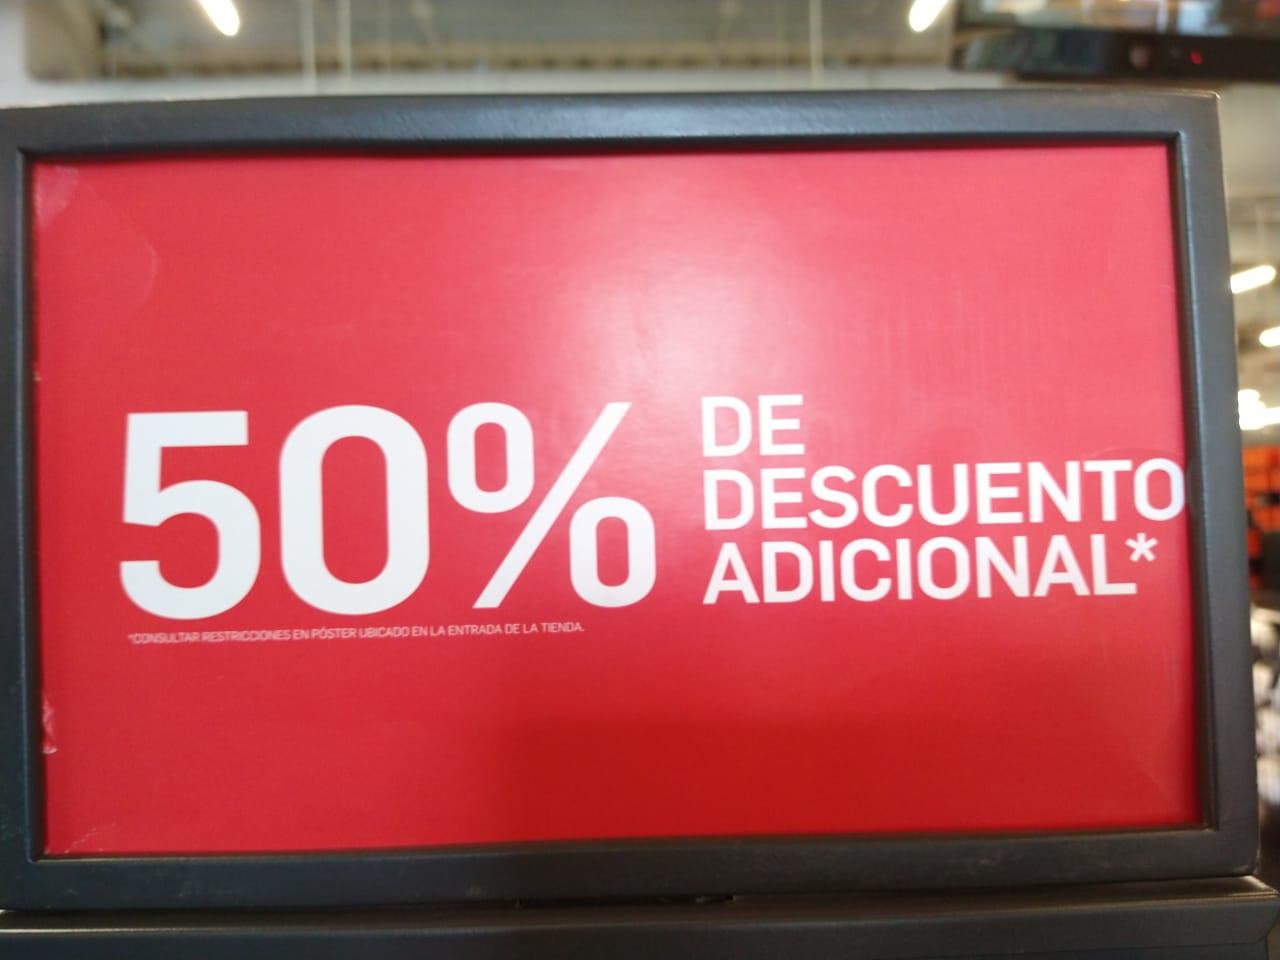 Nike Factory (Aeropuerto) - 50% de descuento en toda la tienda comprando en par